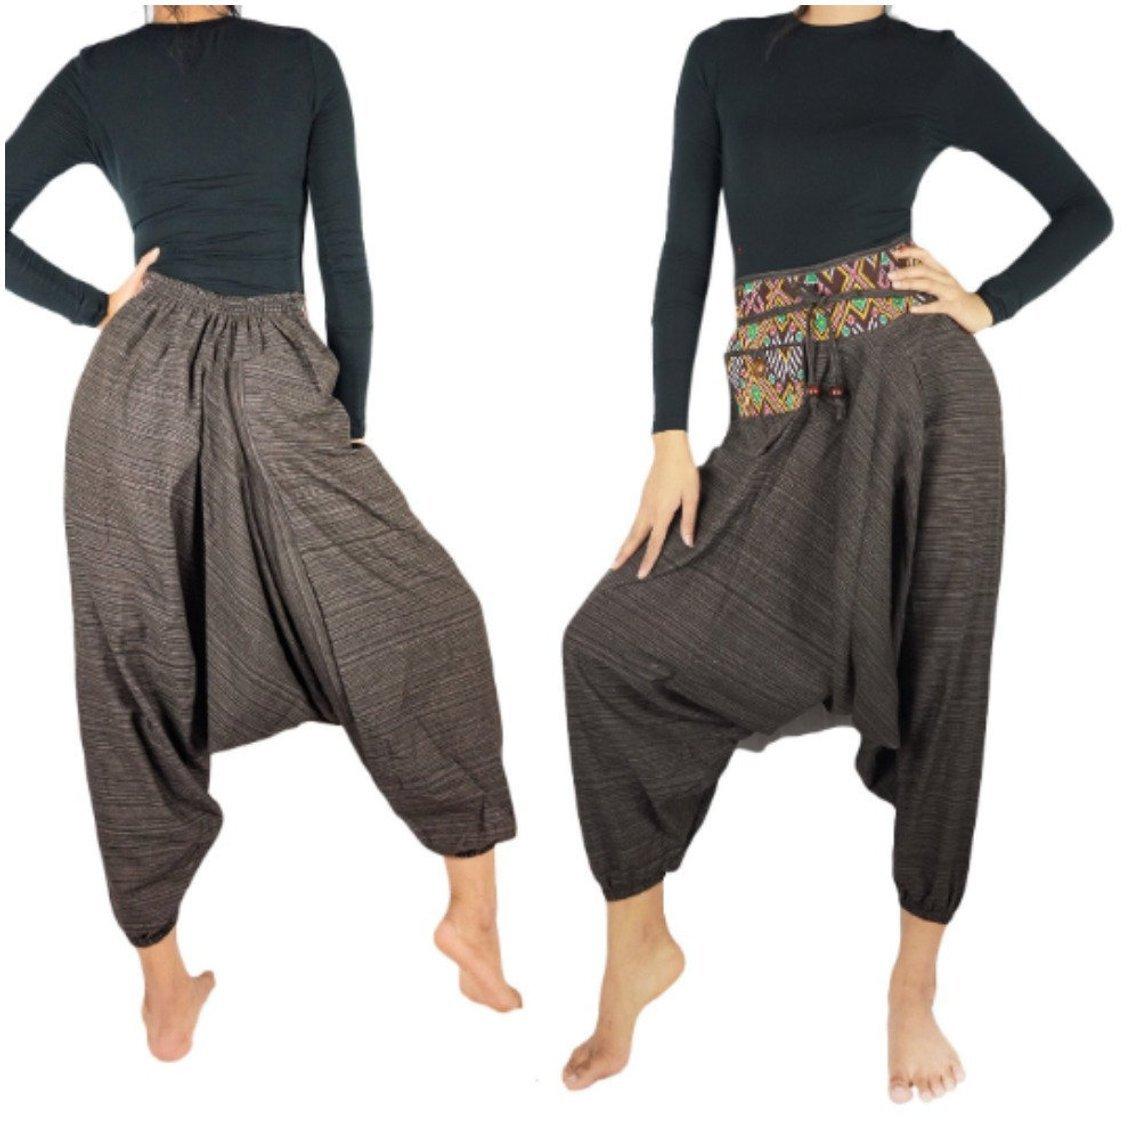 Cotton Drop Crotch Women Tribal Boho Pants Hippie 35.00